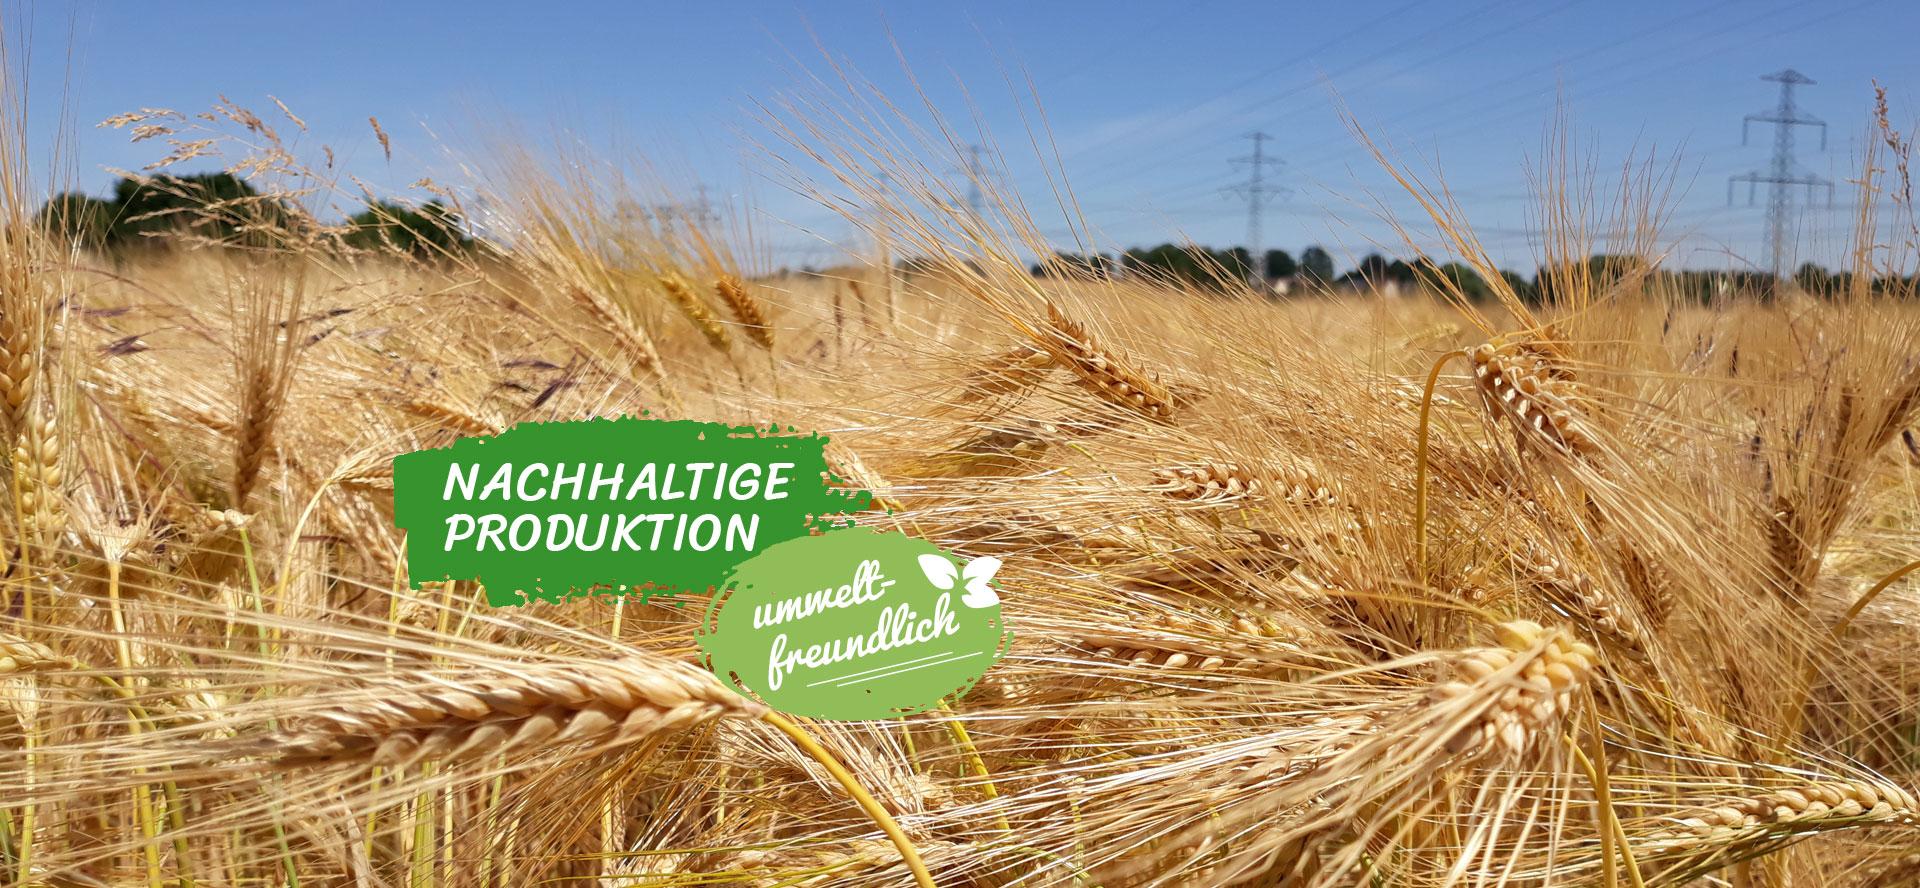 Nachhaltige Produktion